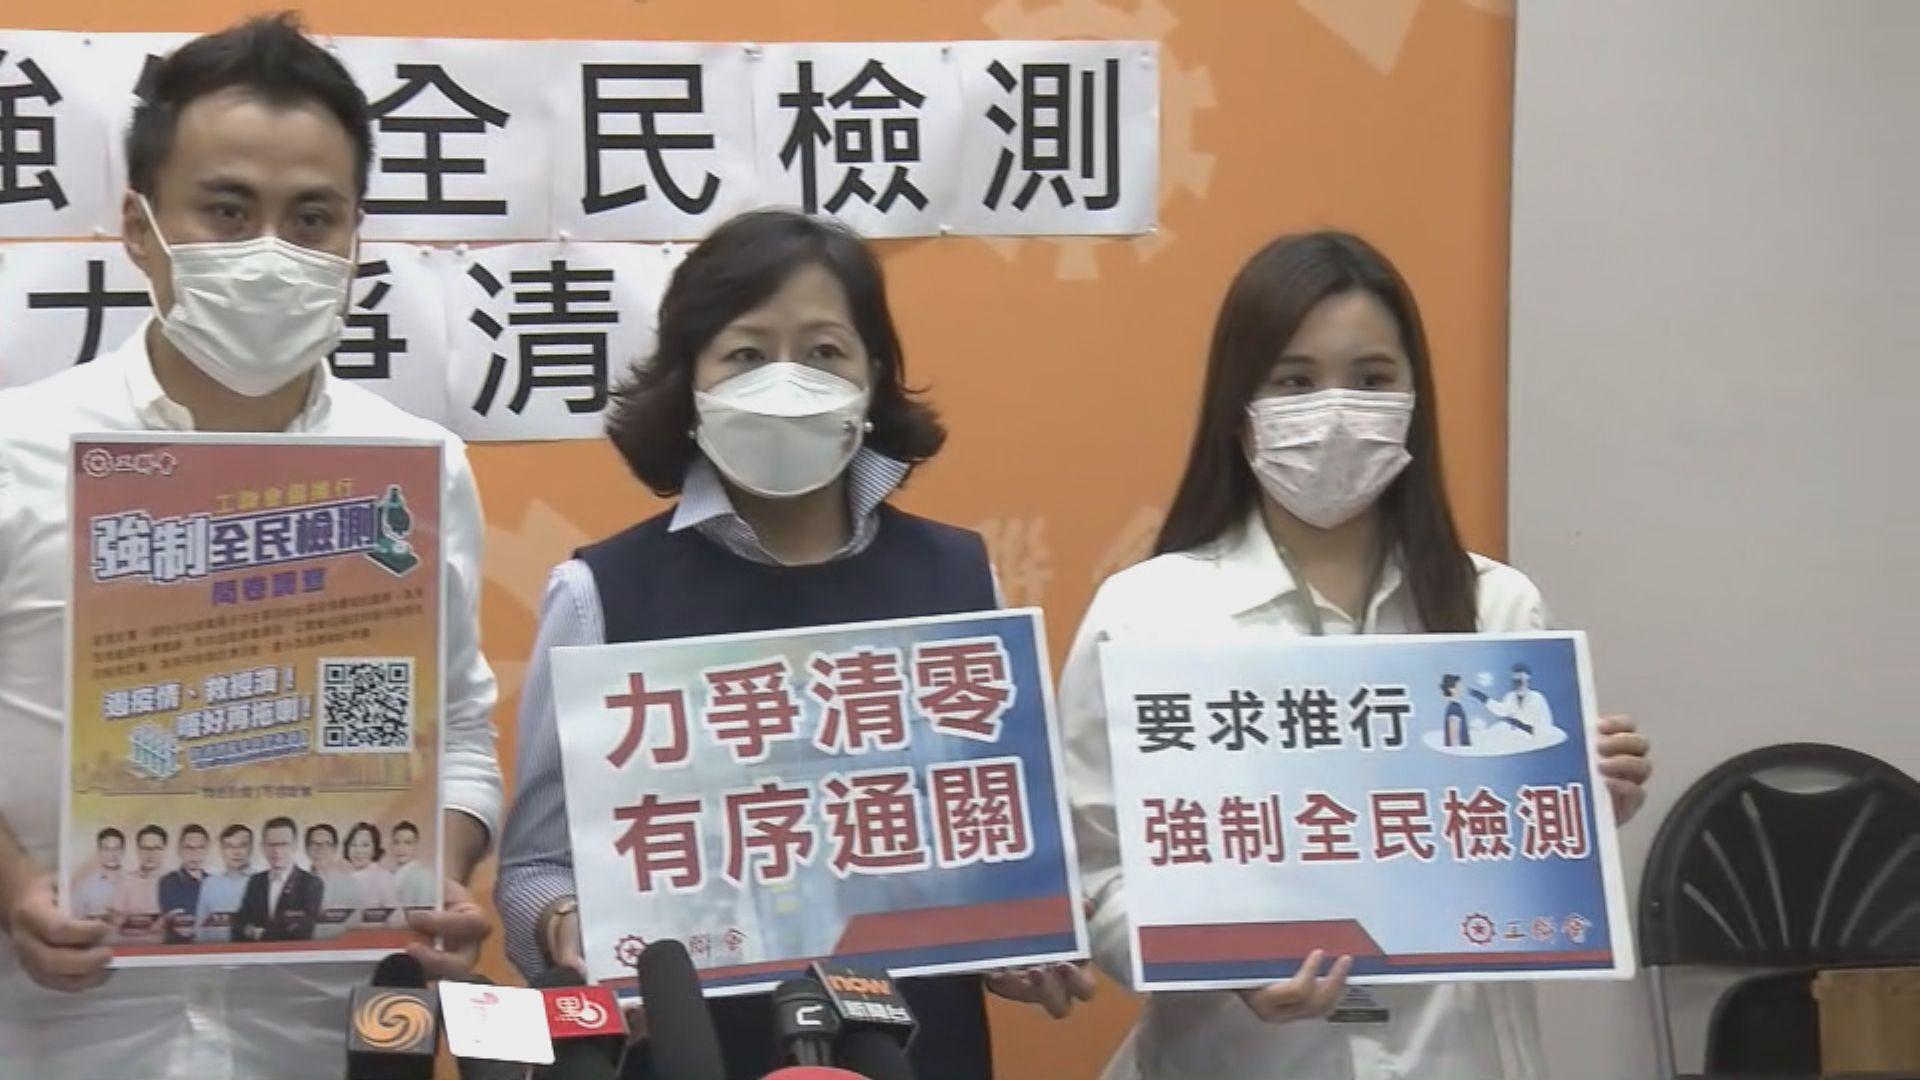 工聯會促強制全民檢測封城兩周 同時派一萬元